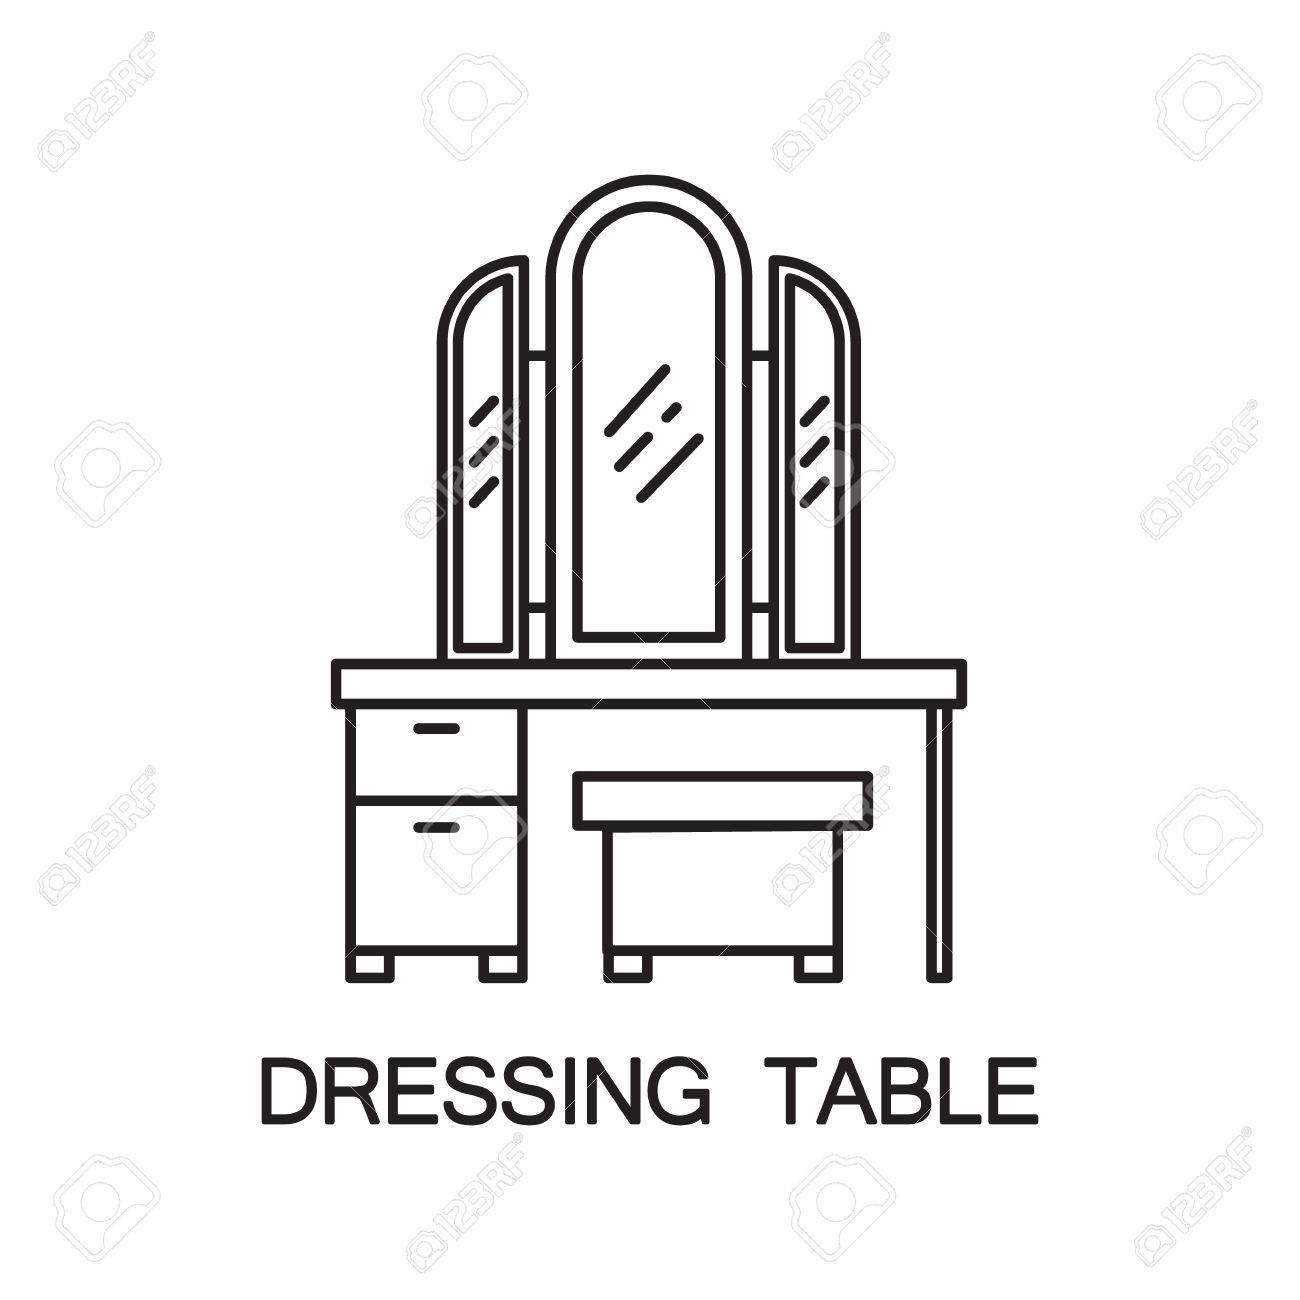 schminktisch flach symbol. hochwertige umriss piktogramm element, Schlafzimmer entwurf